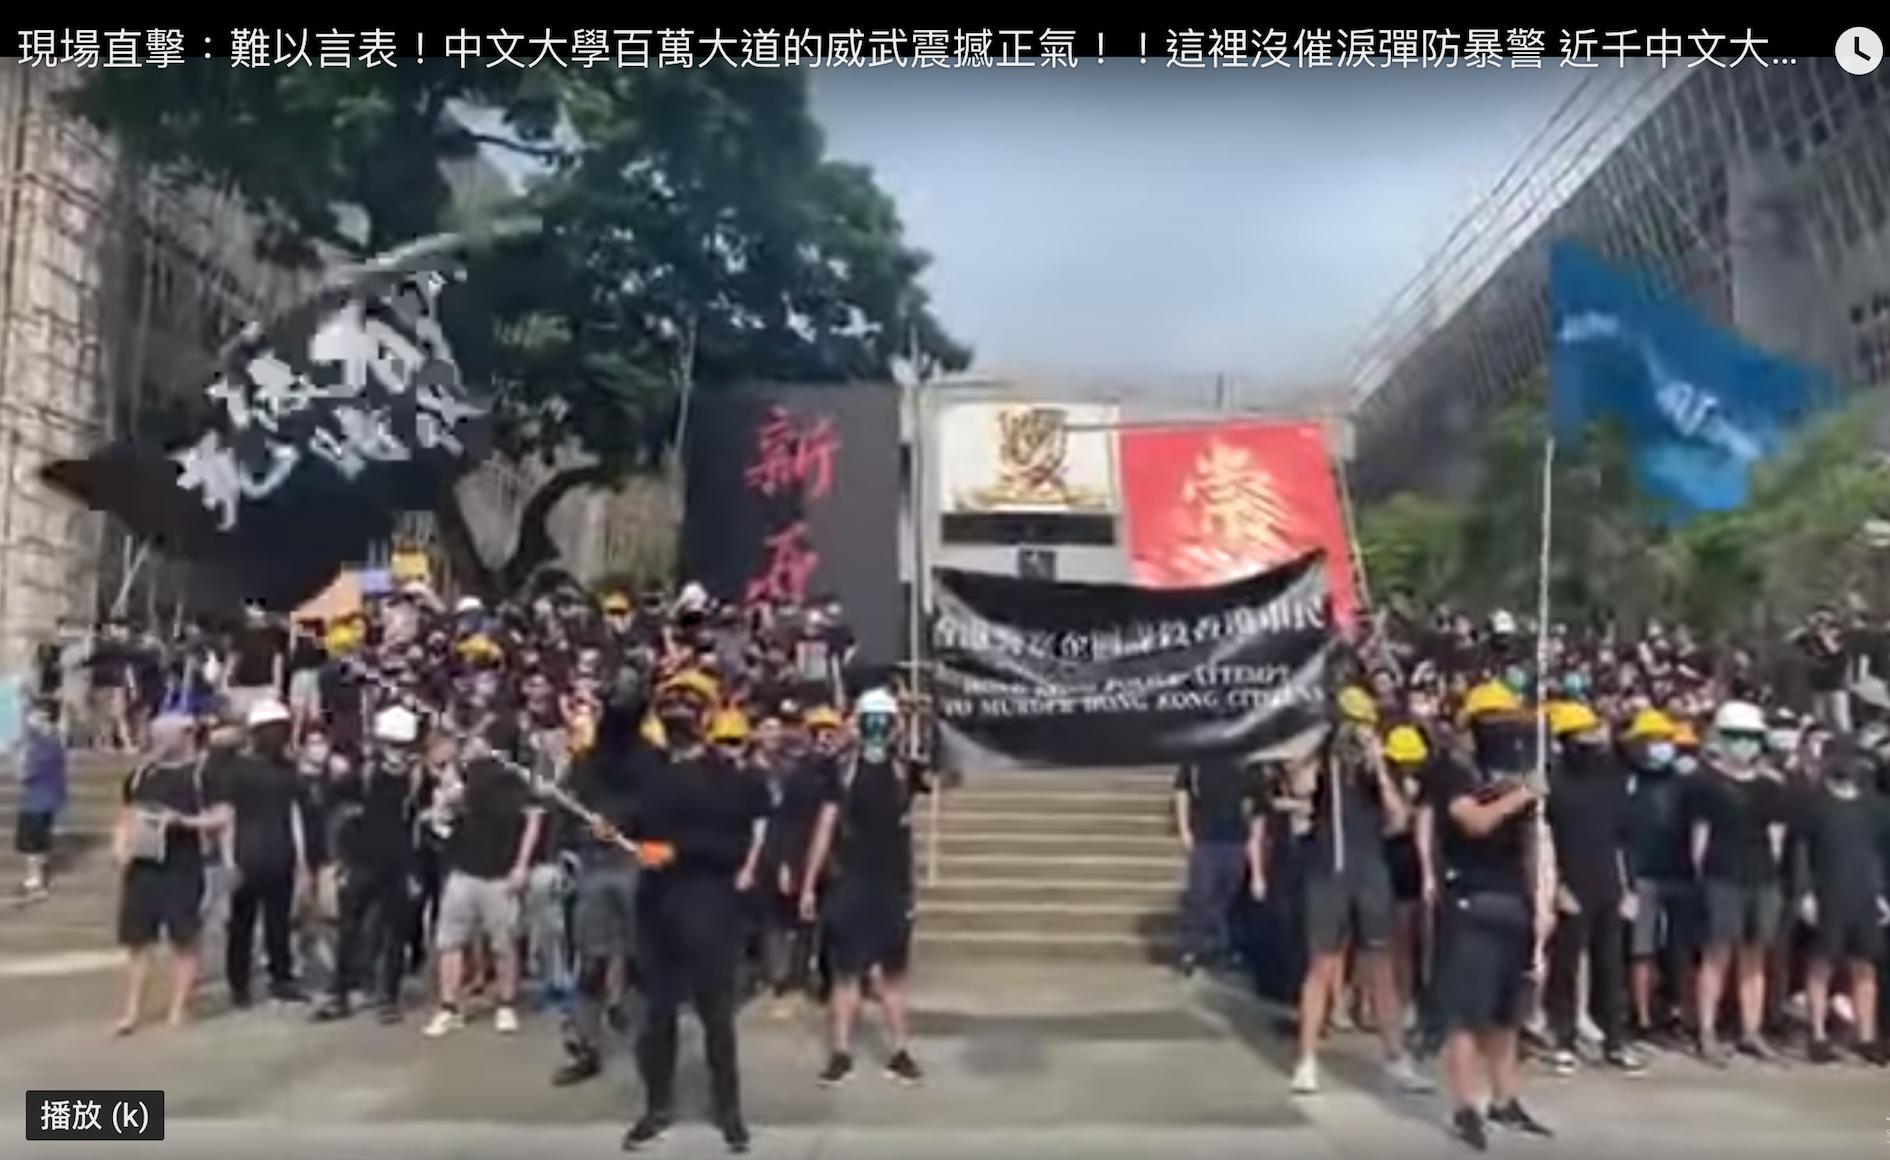 昨日(8月28日)中文大學在校內的百萬大道上舉行迎新營活動,學生趁此機會加入反送中元素表達訴求。(影片截圖)